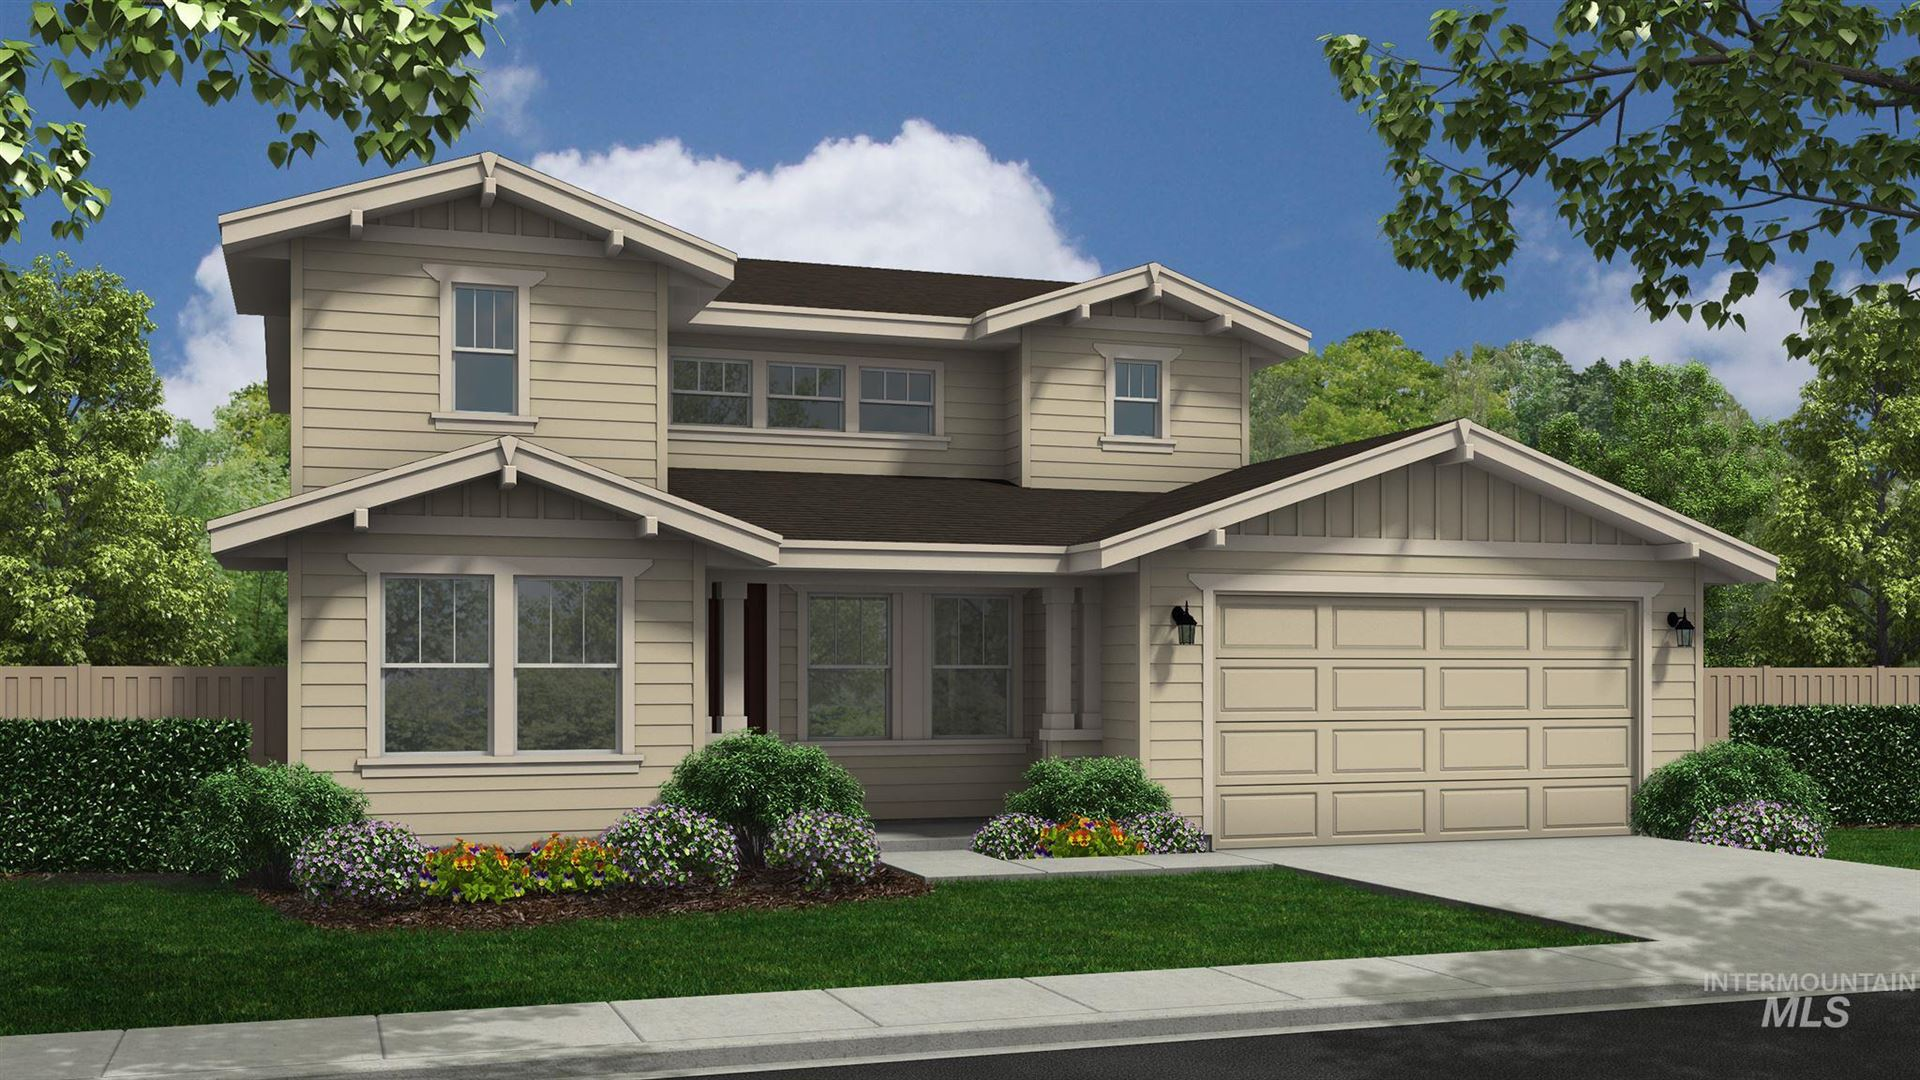 Photo of 2036 N Thorndale Ave., Kuna, ID 83634 (MLS # 98784235)